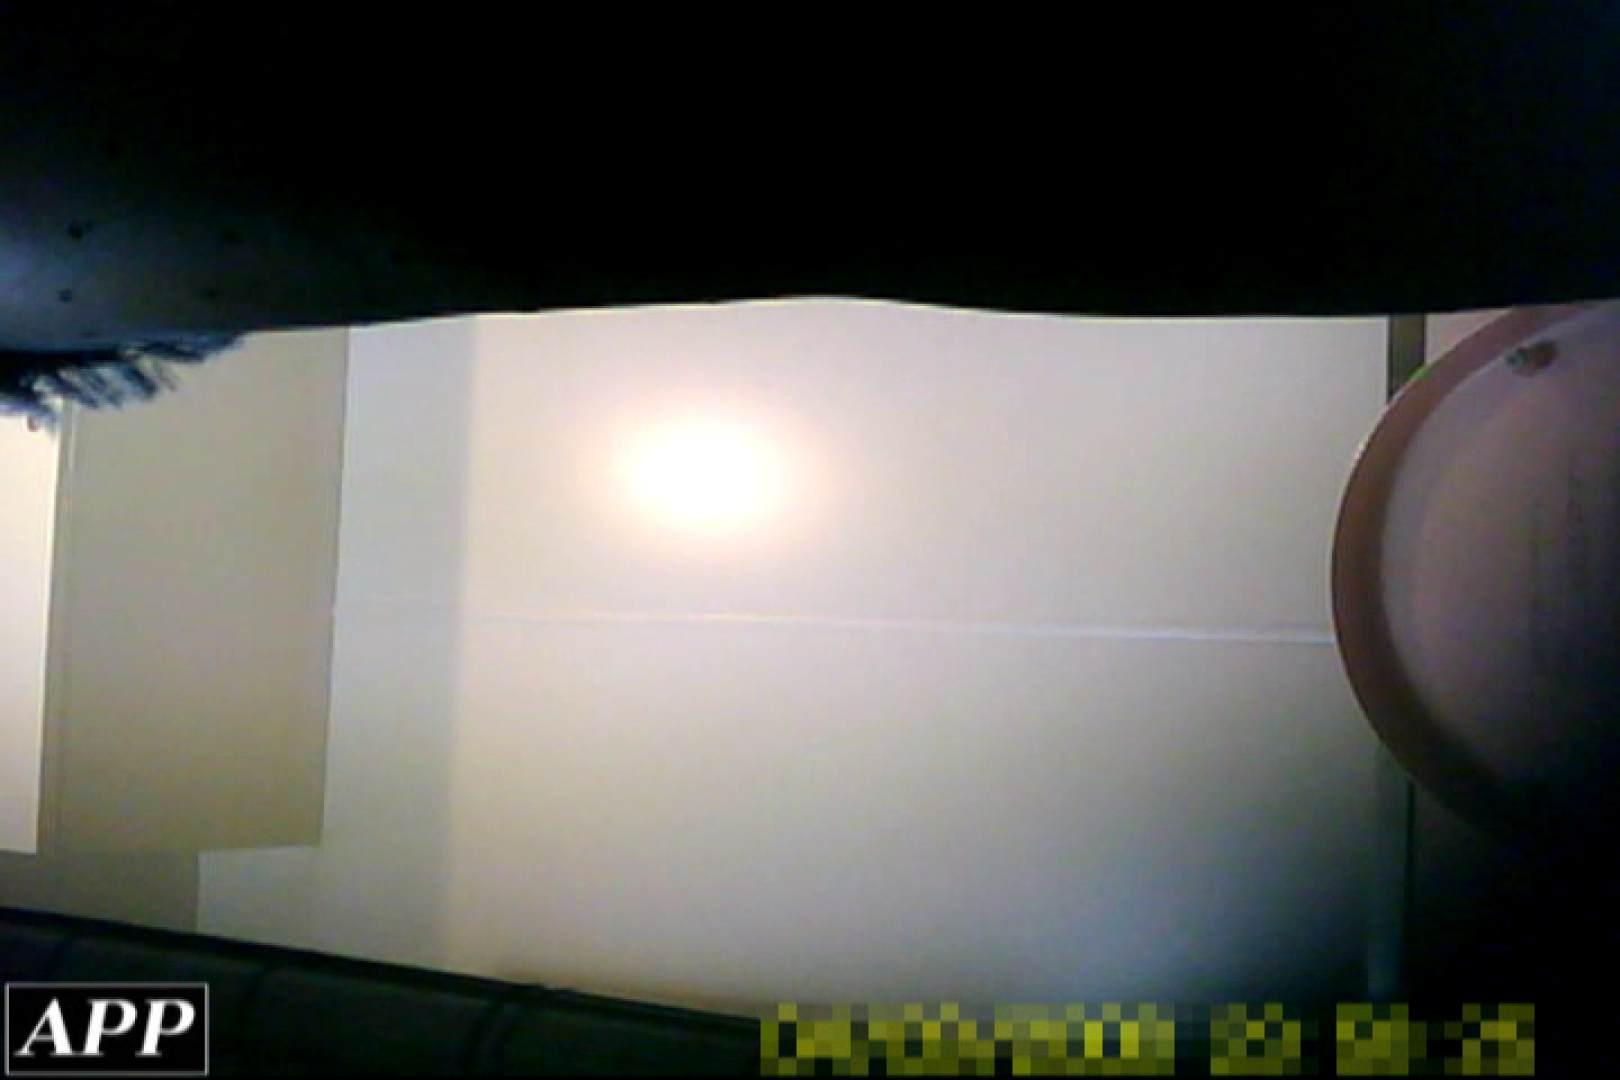 3視点洗面所 vol.23 肛門技 オマンコ動画キャプチャ 75画像 27